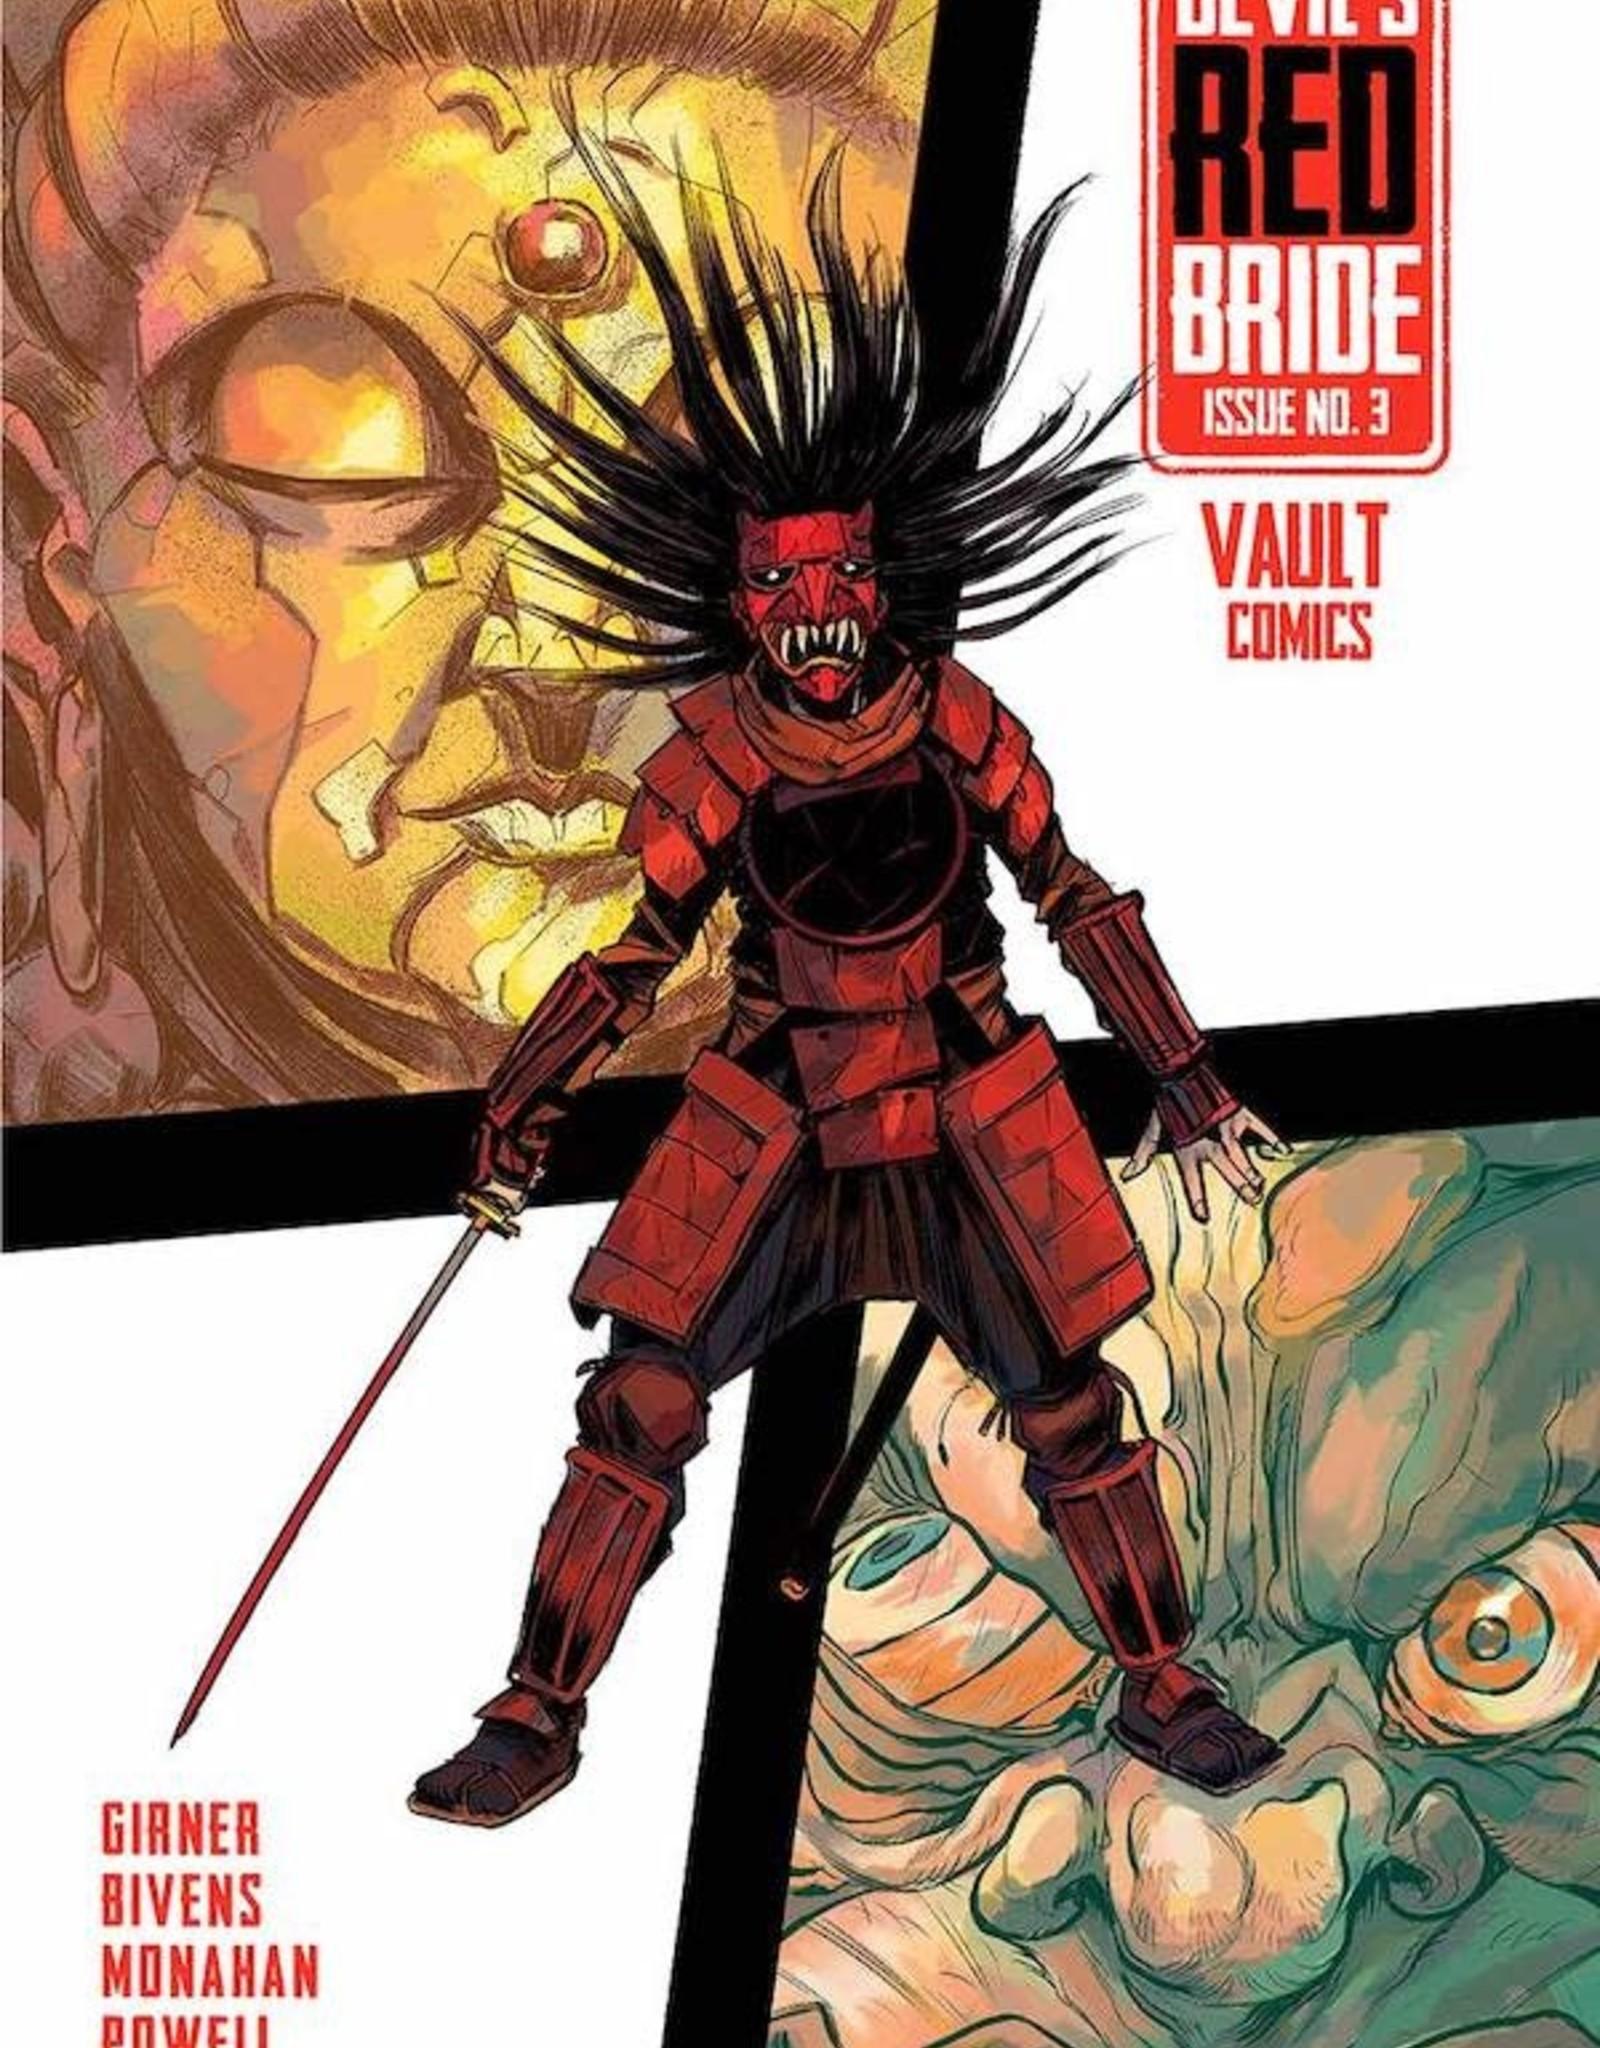 Vault Comics Devils Red Bride #3 Cvr A Bivens